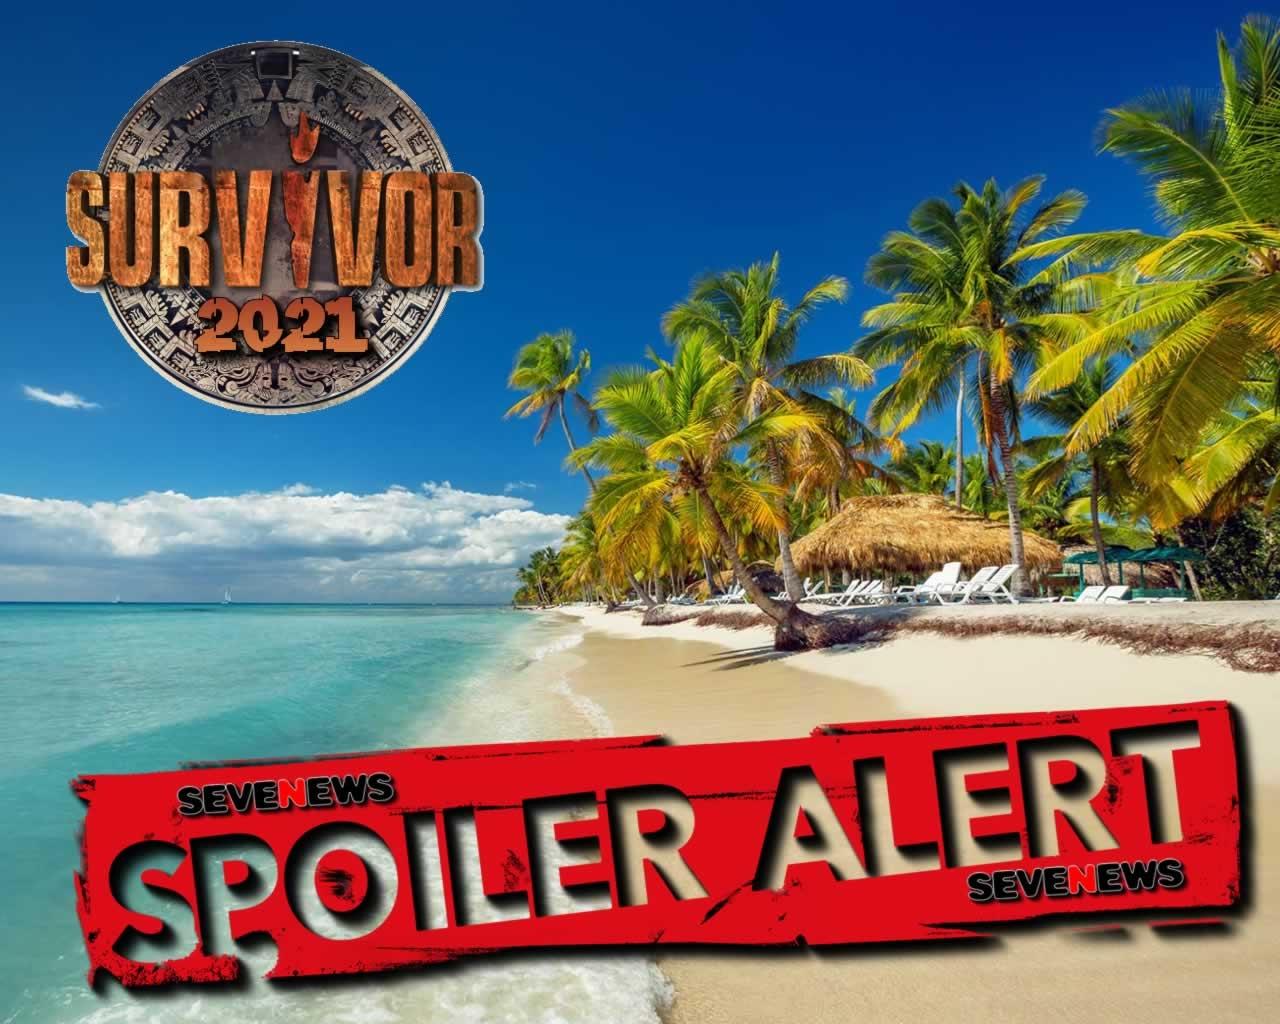 Survivor, Survivor 2021, Survivor 4, SURVIVOR GREECE, SURVIVOR GREECE 2021, Survivor Spoiler, Survivor spoiler 01/02,Survivor Spoiler 1/2,Survivor διαρροή 1/2, Survivor ασυλία, survivor διαρροή 01/02, ειδησεις, ειδήσεις σημερα